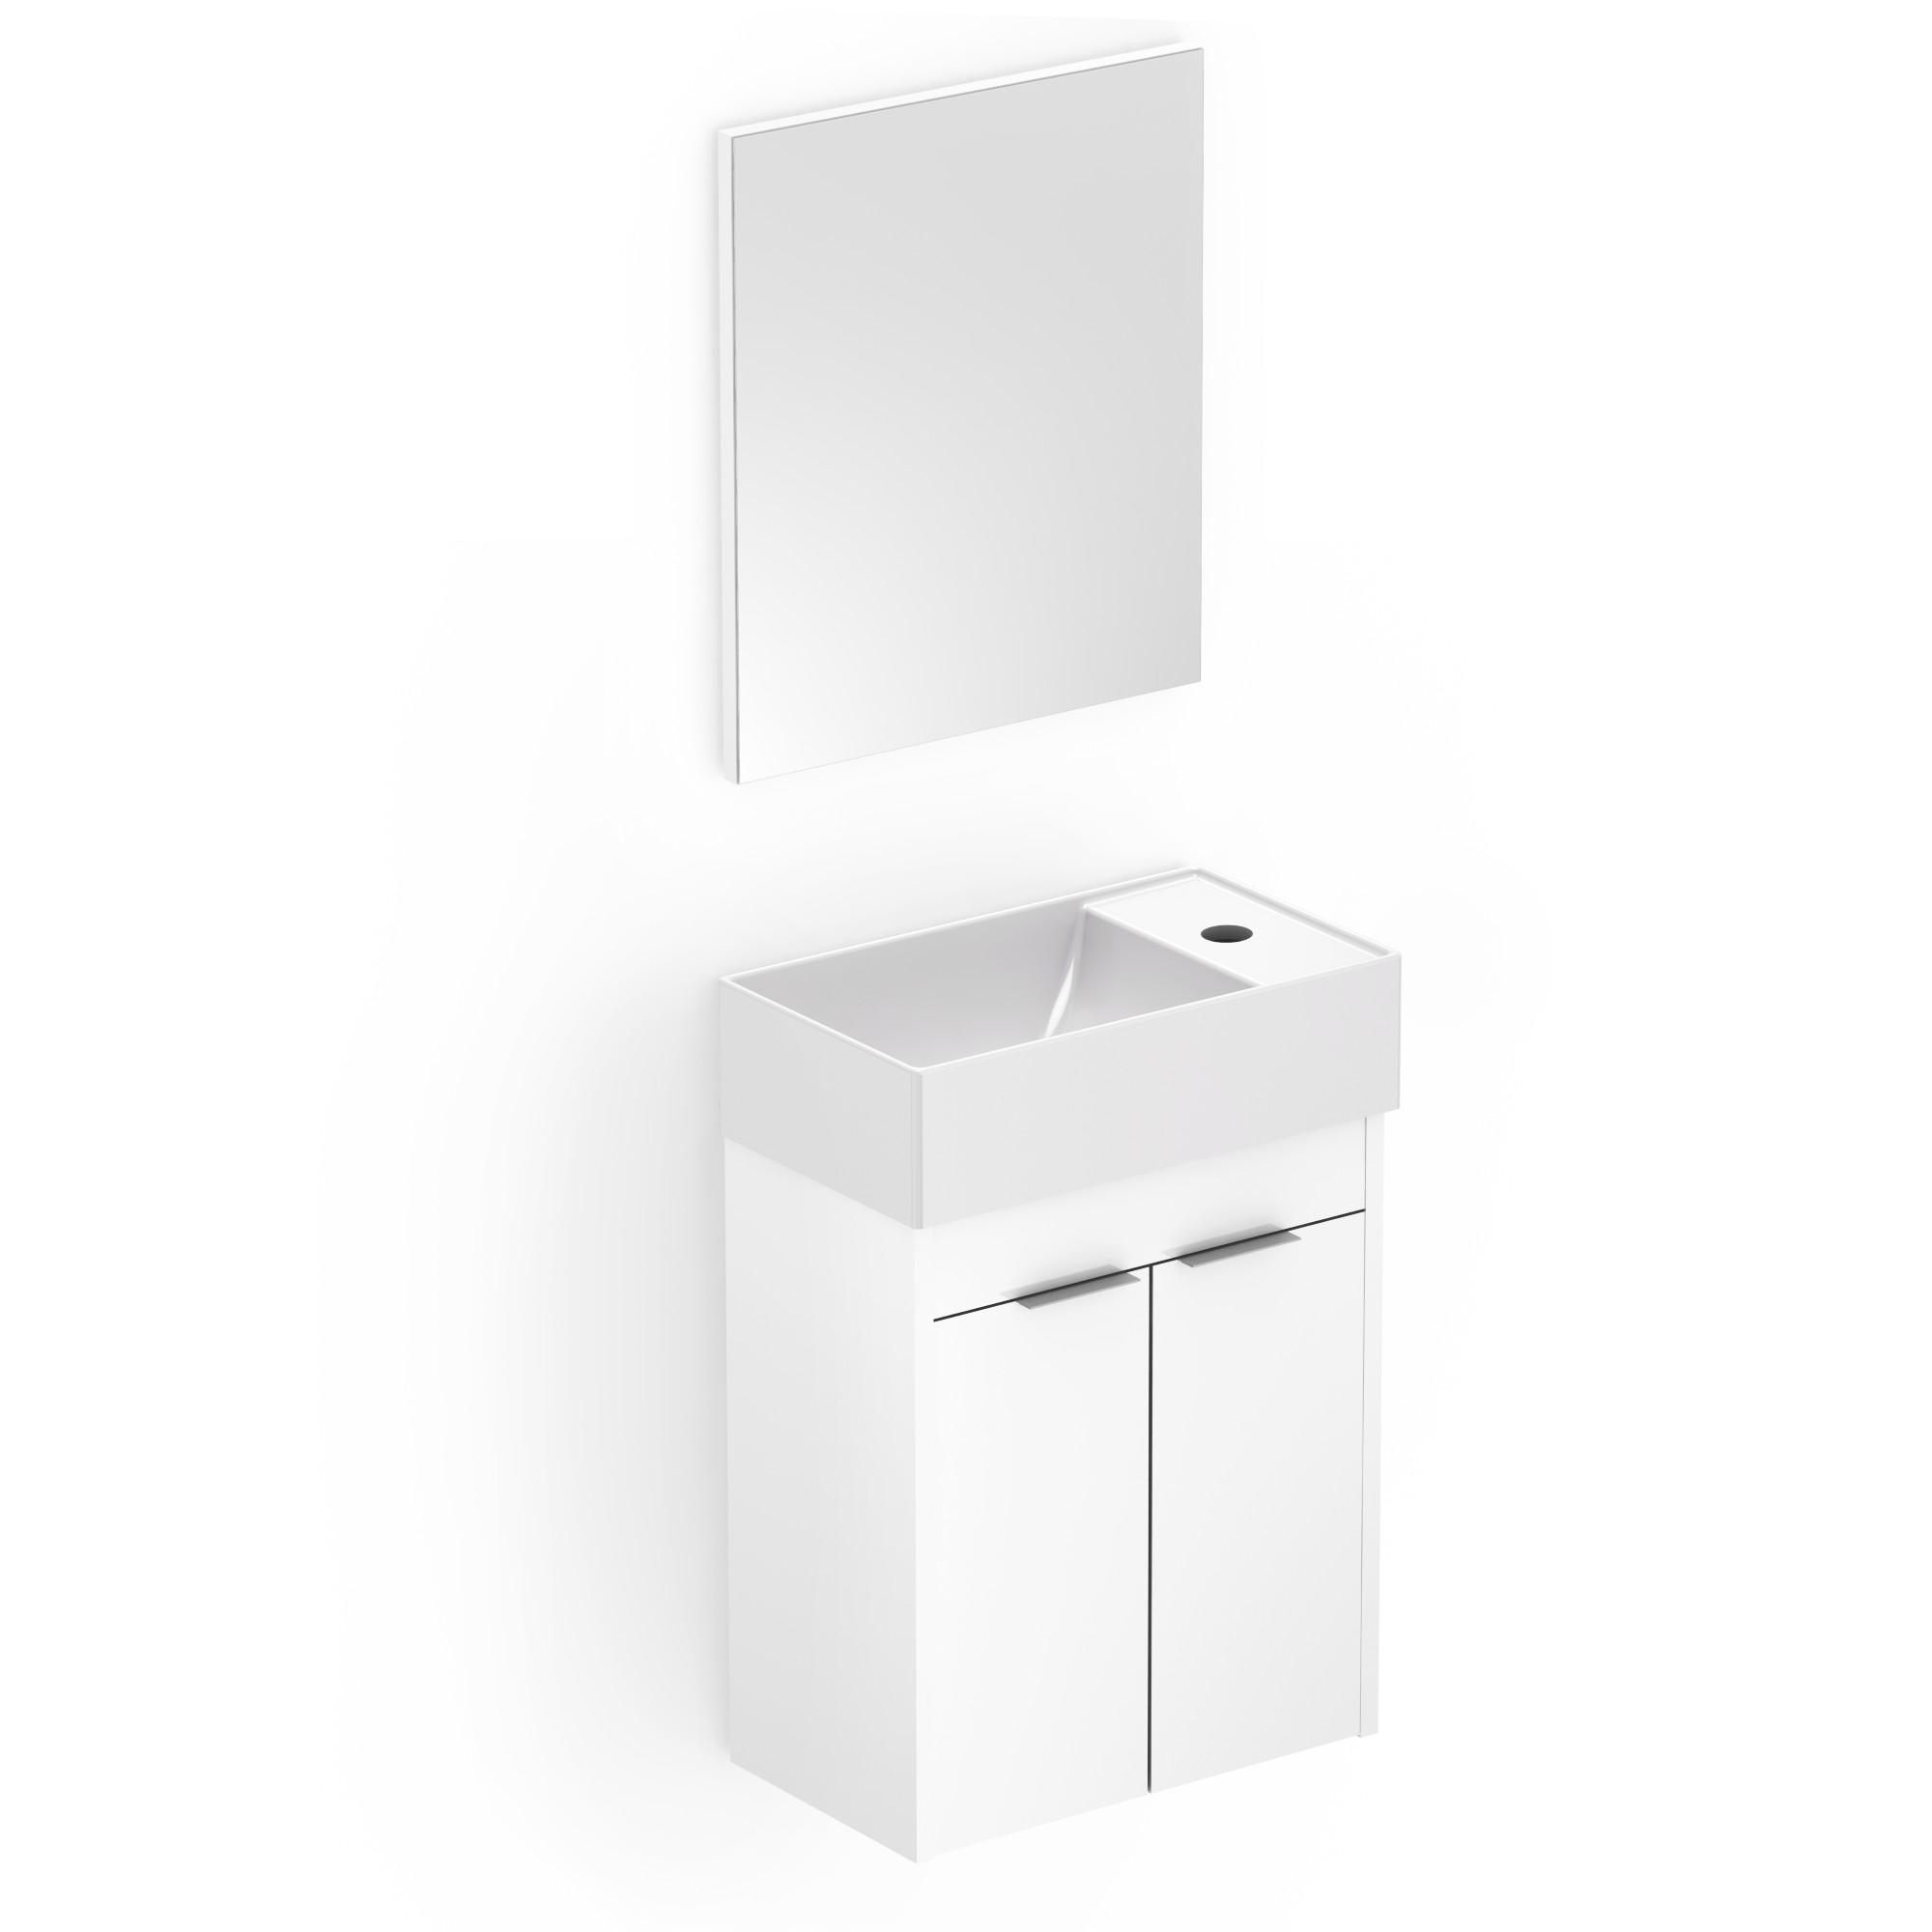 Gabinete para Banheiro com 2 Prateleiras 40x22cm Branco B60000 - Roca